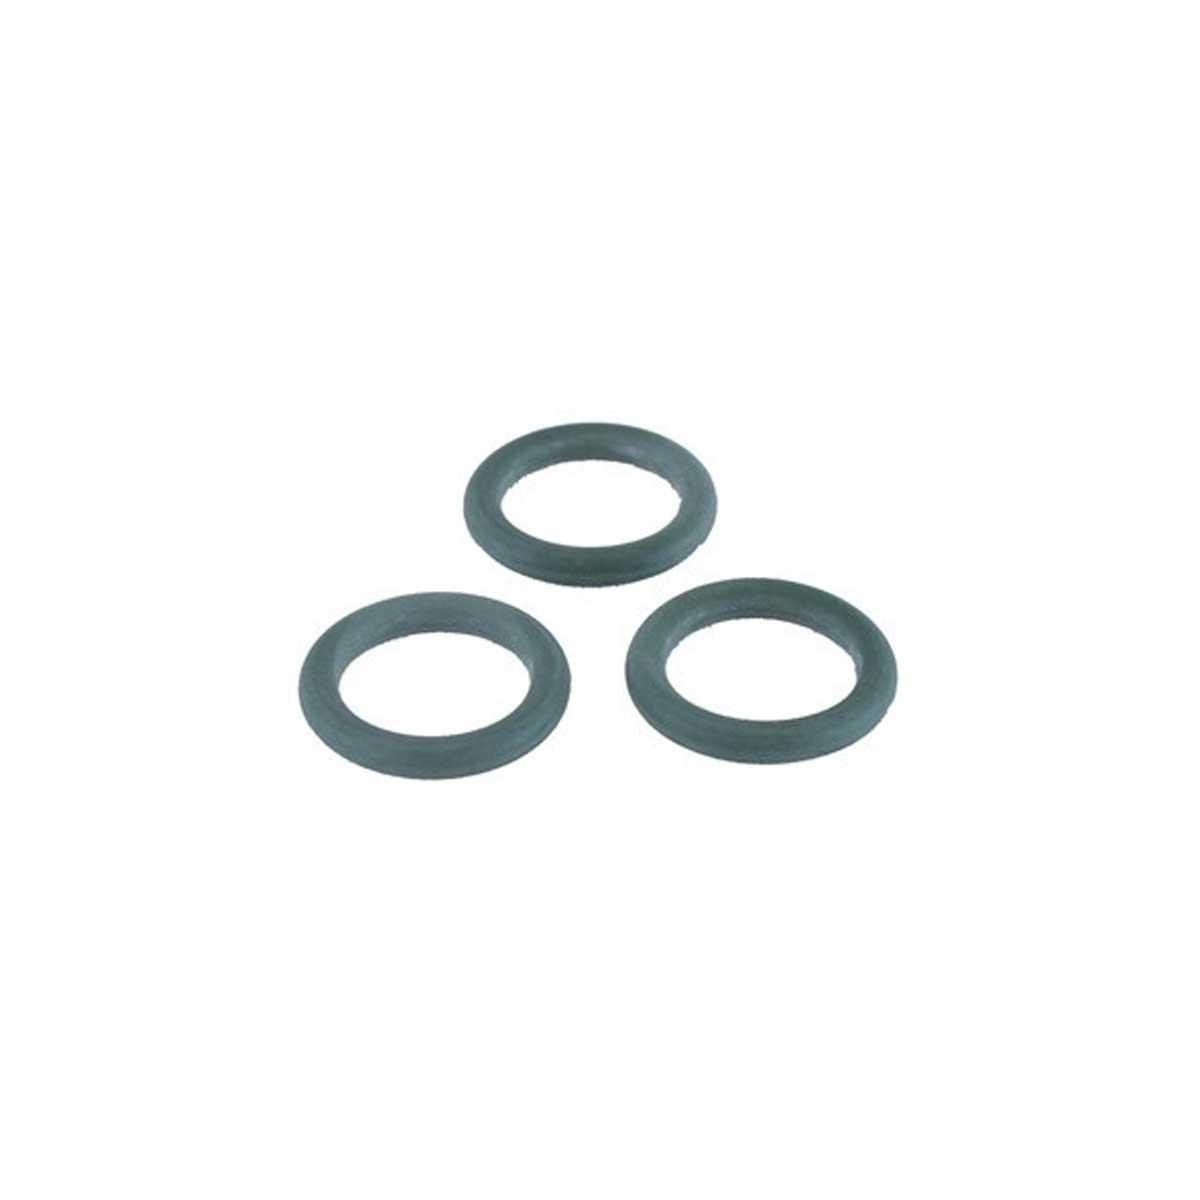 Kränzle Reservdels O-ring, 3 st